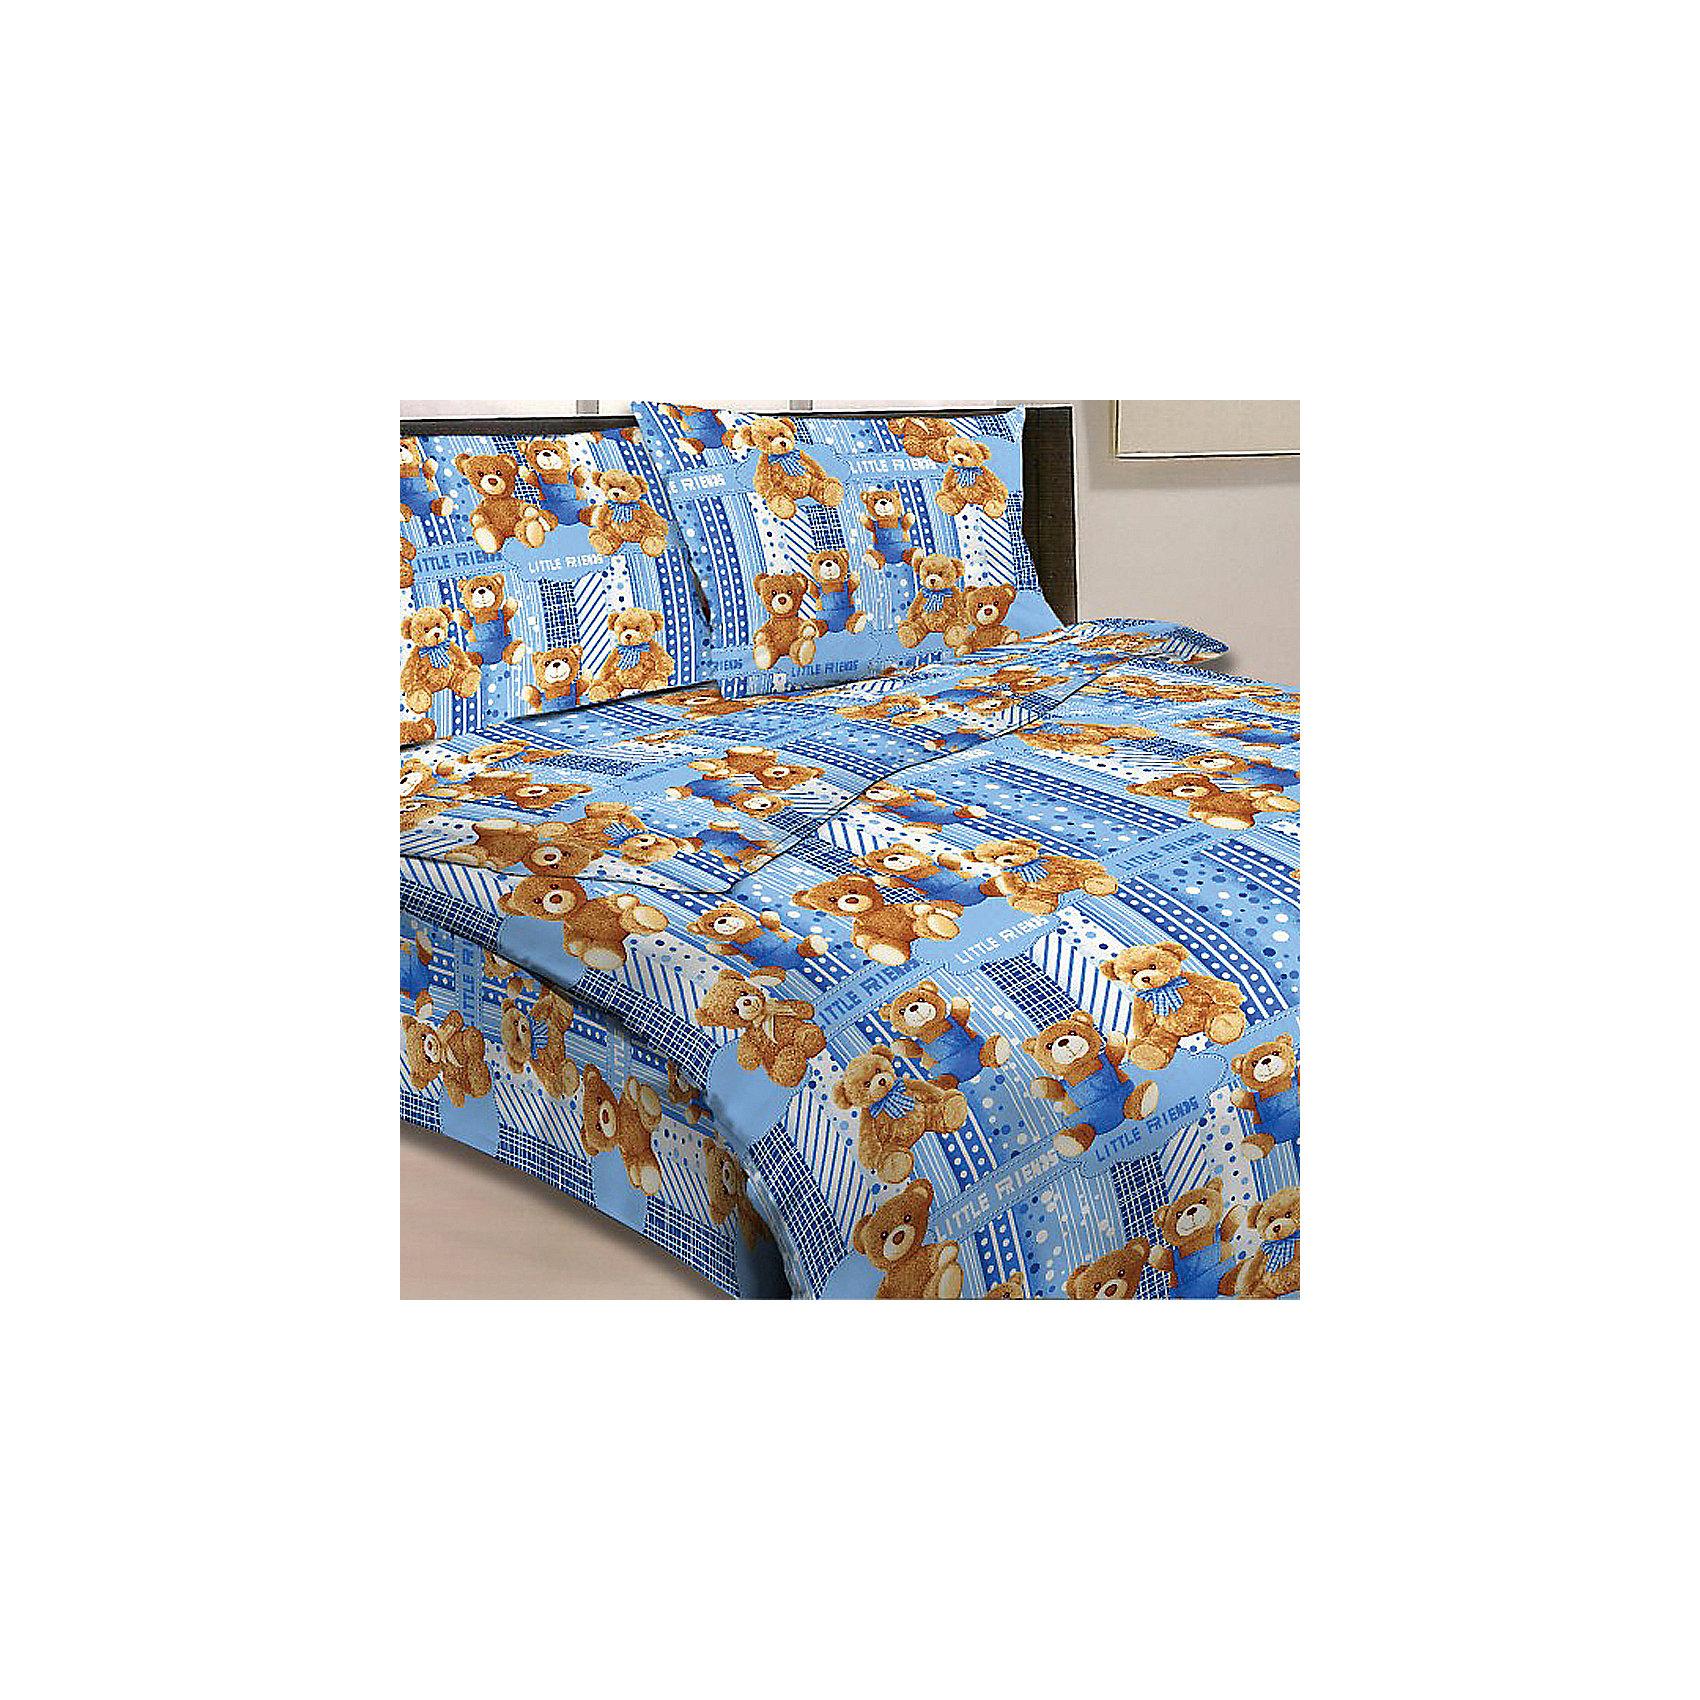 Голубой комплект Мишки 1,5-спальный (наволочка 50х70см), LettoС комплектом постельного белья Мишки, Letto, Ваш ребенок с удовольствием будет укладываться в свою кроватку и видеть чудесные сказочные сны. Комплект выполнен в приятных голубых тонах и украшен изображениями очаровательных плюшевых мишек Тедди. Материал представляет собой качественную плотную бязь, очень комфортную и приятную на ощупь. Ткань отвечает всем экологическим нормам безопасности, дышащая, гипоаллергенная, не нарушает естественные процессы терморегуляции. При стирке белье не линяет, не деформируется и не теряет своих красок даже после многочисленных стирок. Можно стирать в машинке в деликатном режиме 30-40 градусов.<br><br>Дополнительная информация:<br><br>- Размер комплекта: полутораспальный.<br>- Тип ткани: бязь (100% хлопок).<br>- В комплекте: 1 наволочка, 1 пододеяльник, 1 простыня.<br>- Размер пододеяльника: 143 х 215 см.<br>- Размер наволочки: 50 х 70 см.<br>- Размер простыни: 150 х 220 см.<br>- Размер упаковки: 39 х 4 х 28 см.<br>- Вес: 1,4 кг. <br><br>Голубой комплект Мишки 1,5 спальный, Letto, можно приобрести в нашем интернет-магазине.<br><br>Ширина мм: 390<br>Глубина мм: 280<br>Высота мм: 40<br>Вес г: 1400<br>Возраст от месяцев: 36<br>Возраст до месяцев: 120<br>Пол: Унисекс<br>Возраст: Детский<br>SKU: 4053111